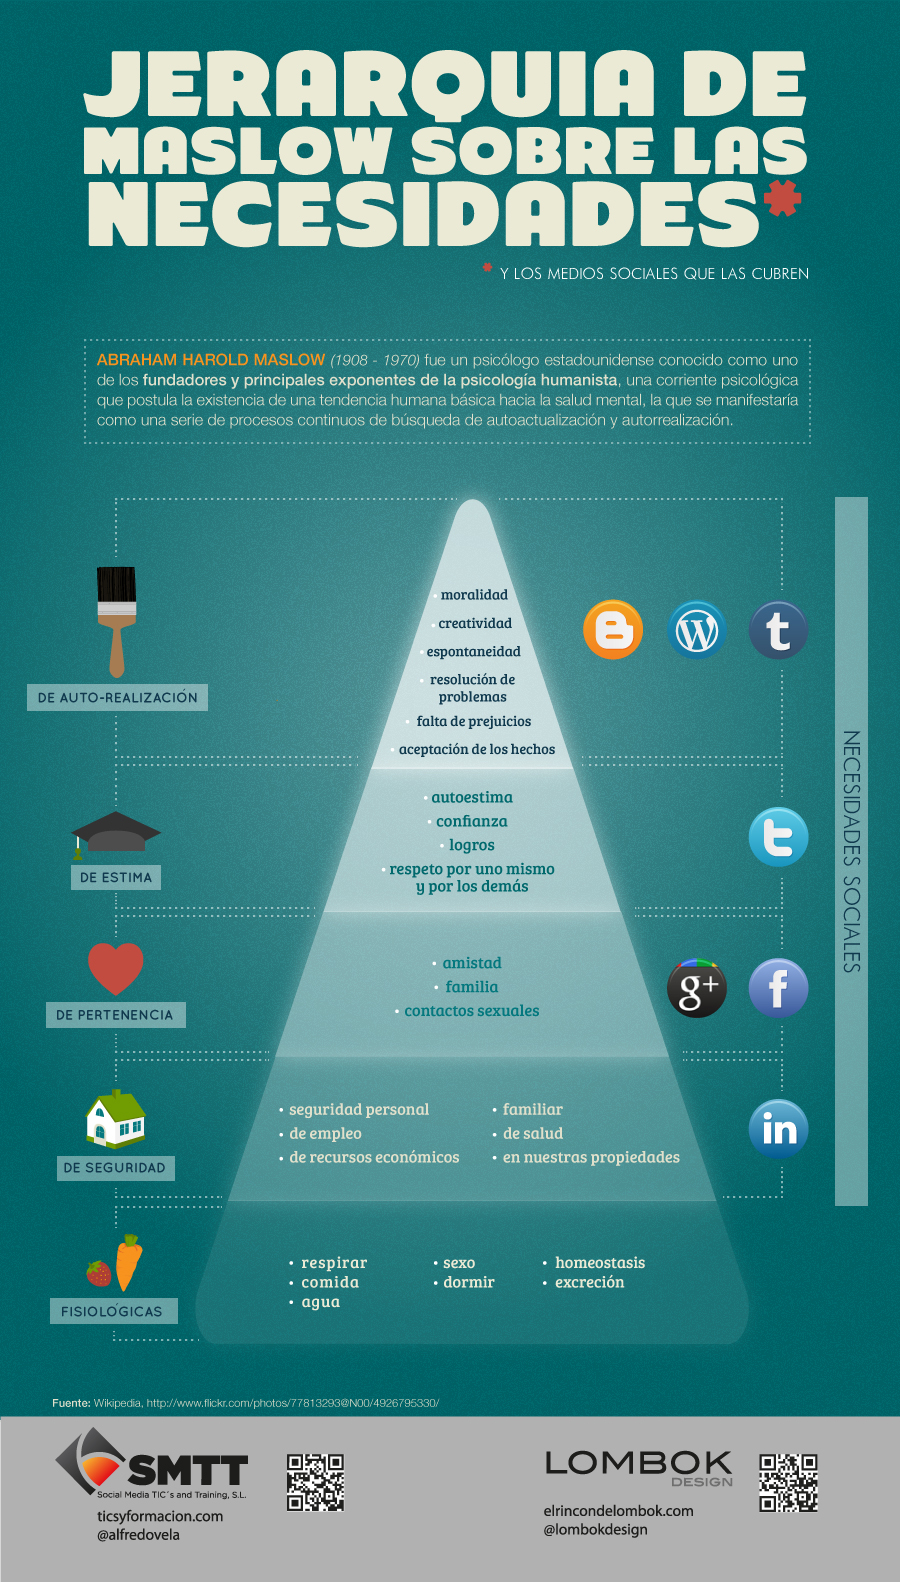 Infografía sobre las jerarquías de maslow y las redes sociales